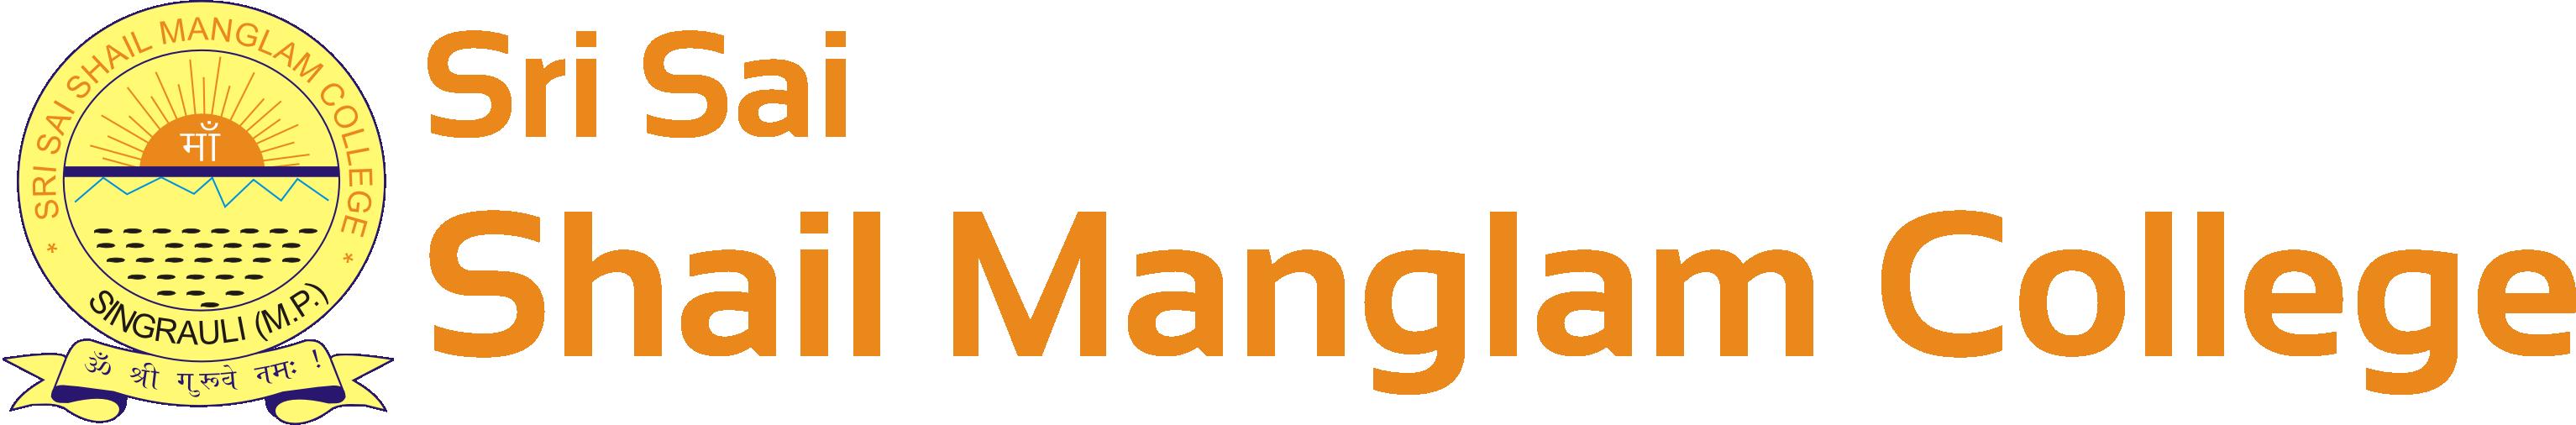 Sri Sai Shail Manglam College |